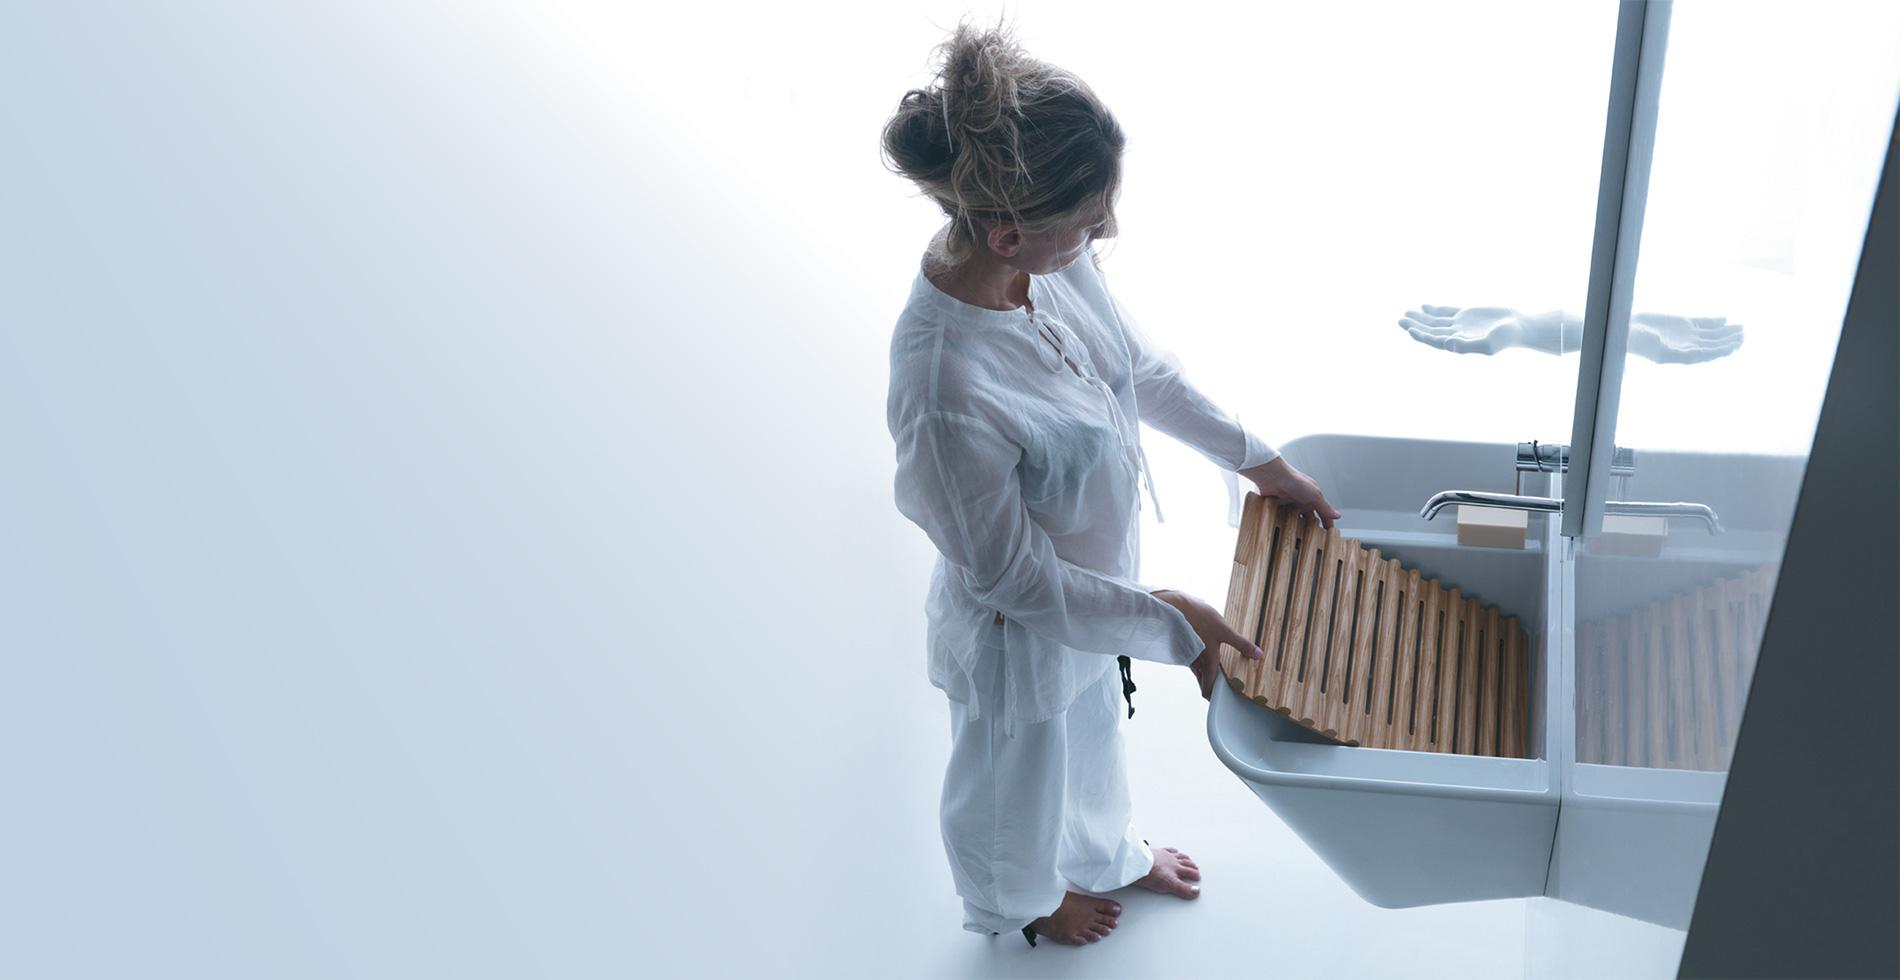 Complemento d'arredo bagno - MEG11 - Lavabo lavatoio in legno di frassino | IF Product Design Award 2012| Design by Antonio Pascale per Galassia